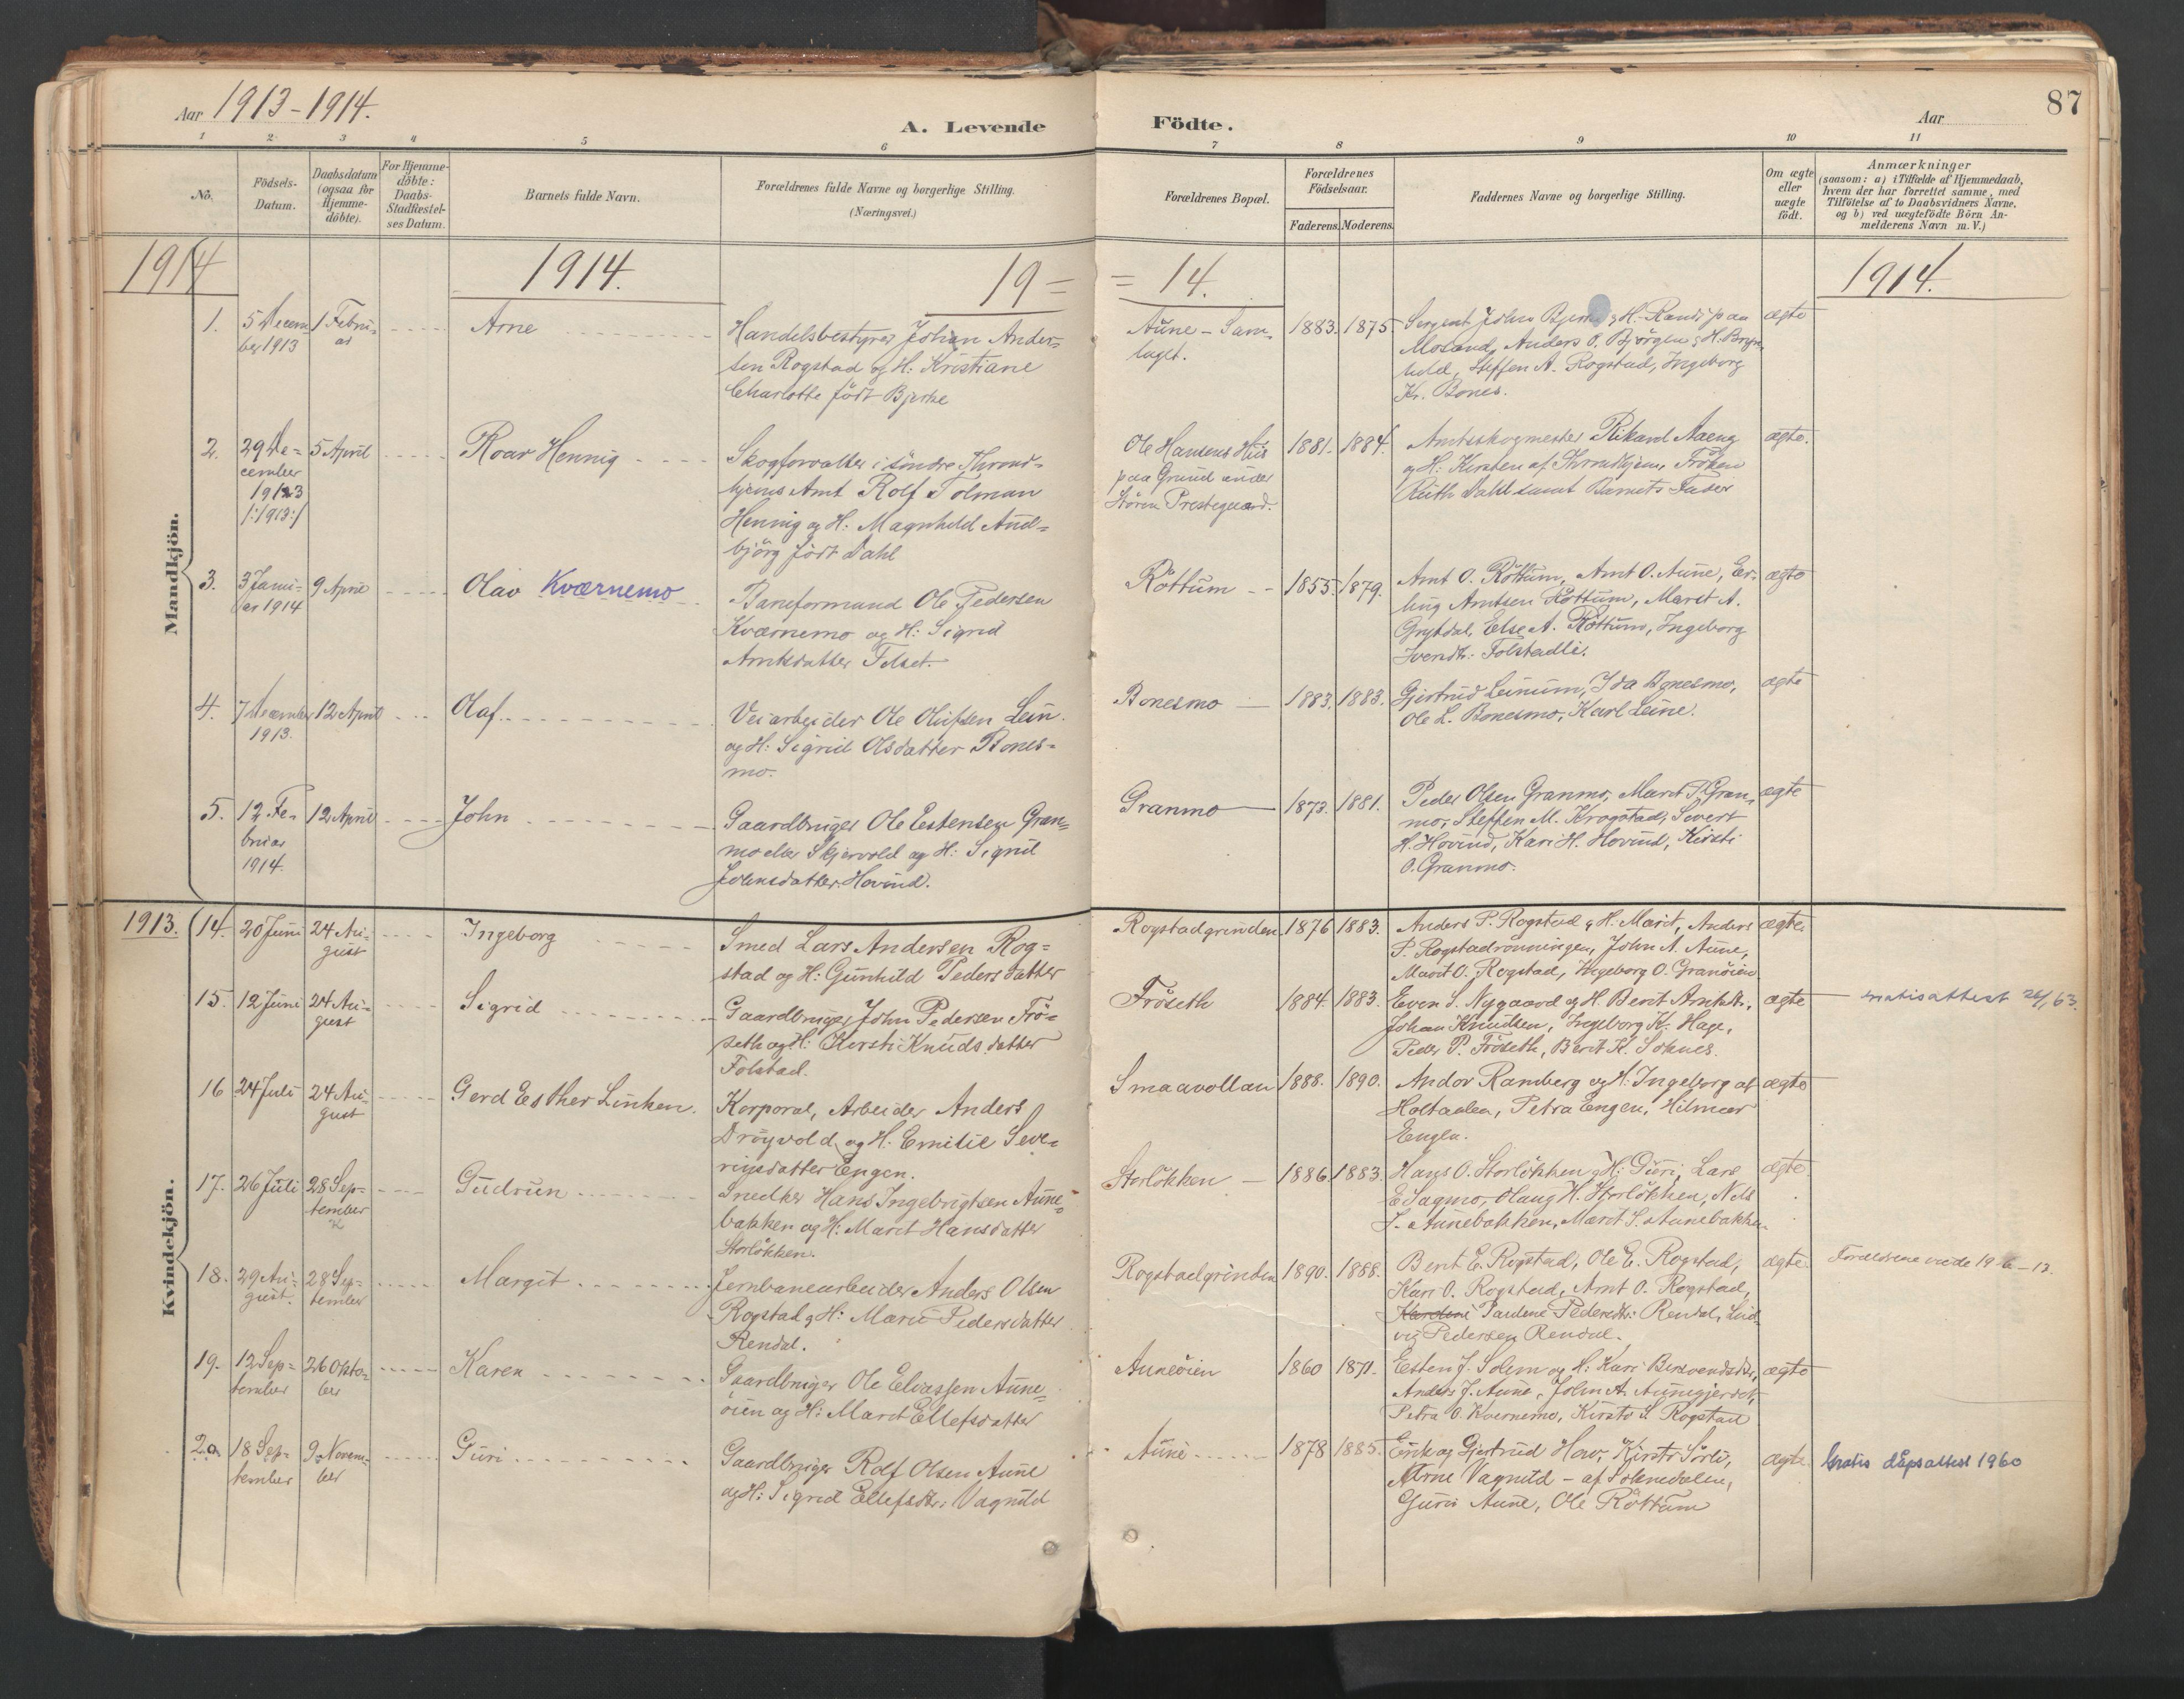 SAT, Ministerialprotokoller, klokkerbøker og fødselsregistre - Sør-Trøndelag, 687/L1004: Ministerialbok nr. 687A10, 1891-1923, s. 87